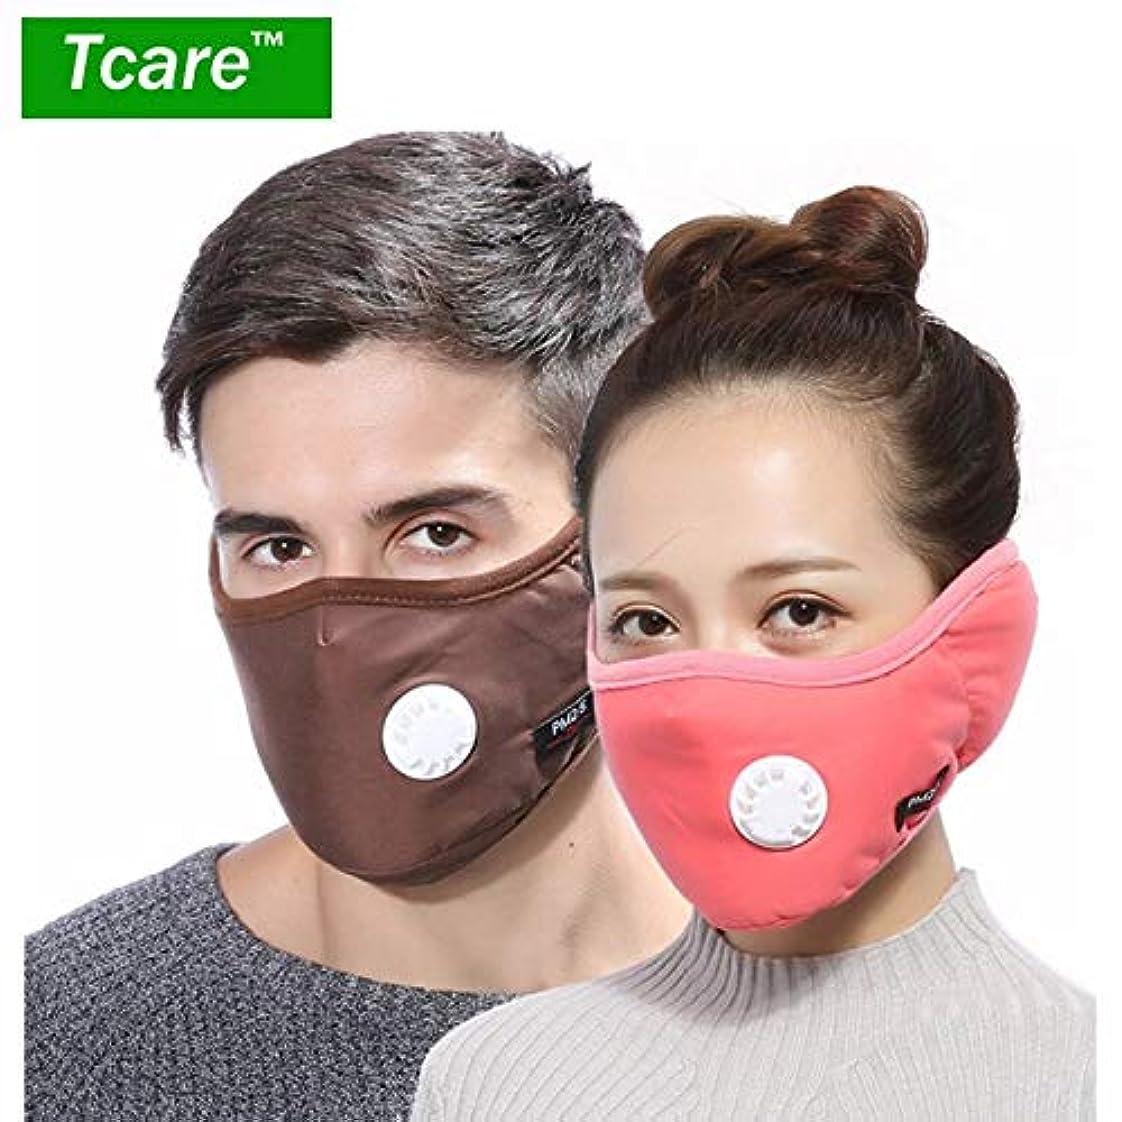 才能のあるミュート必須7グレー:1 PM2.5マスクバルブコットンアンチダスト口マスクの冬のイヤーマフActtedフィルター付マスクでTcare 2